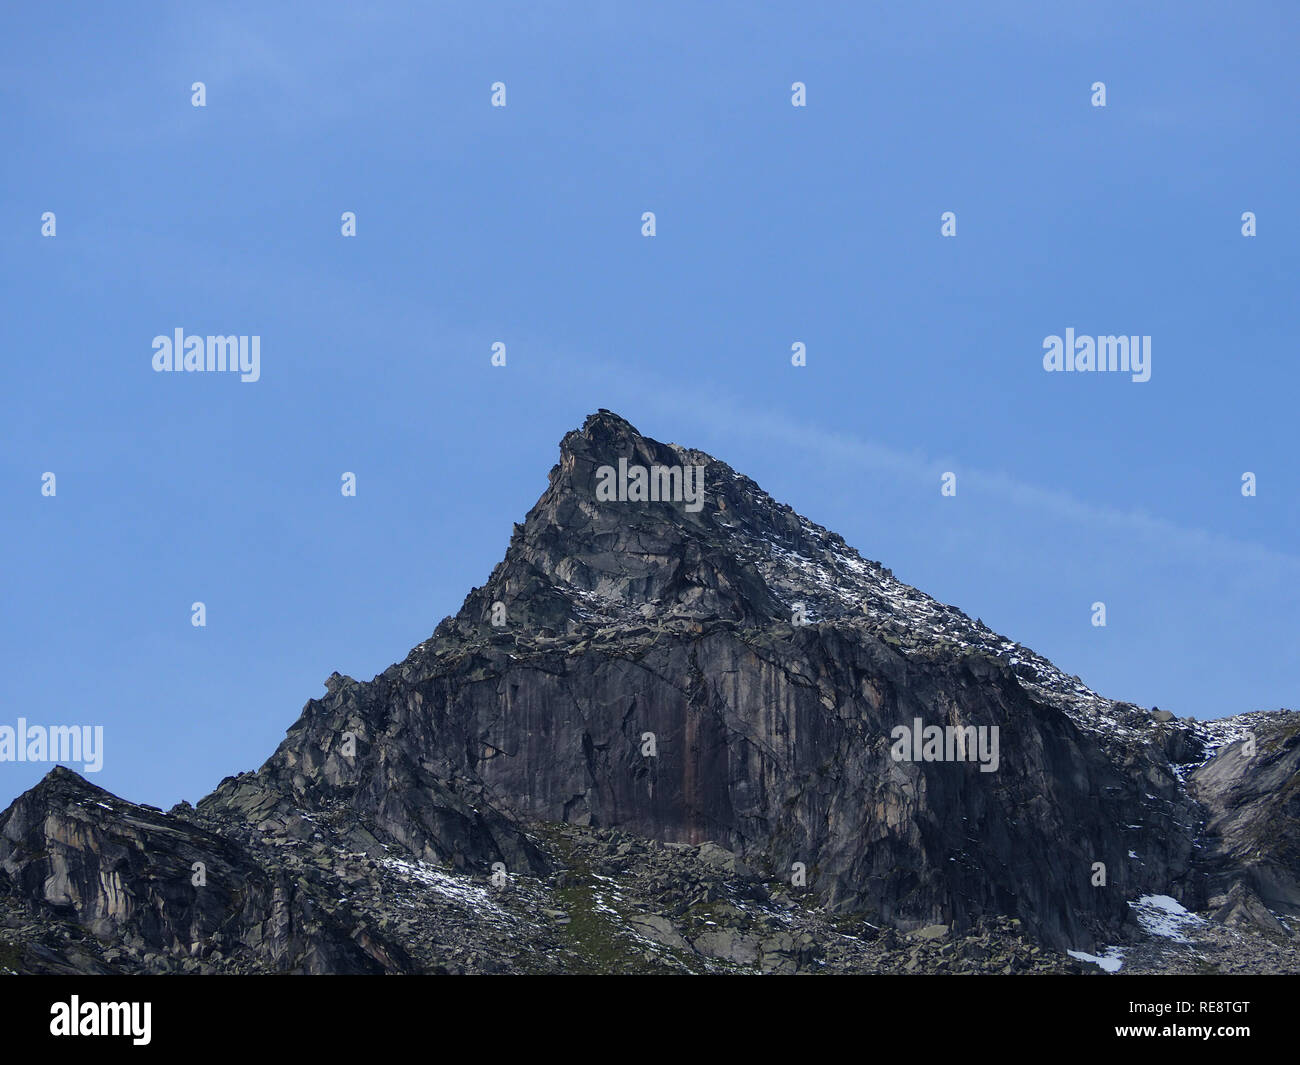 Mountain area blue sky - Stock Image